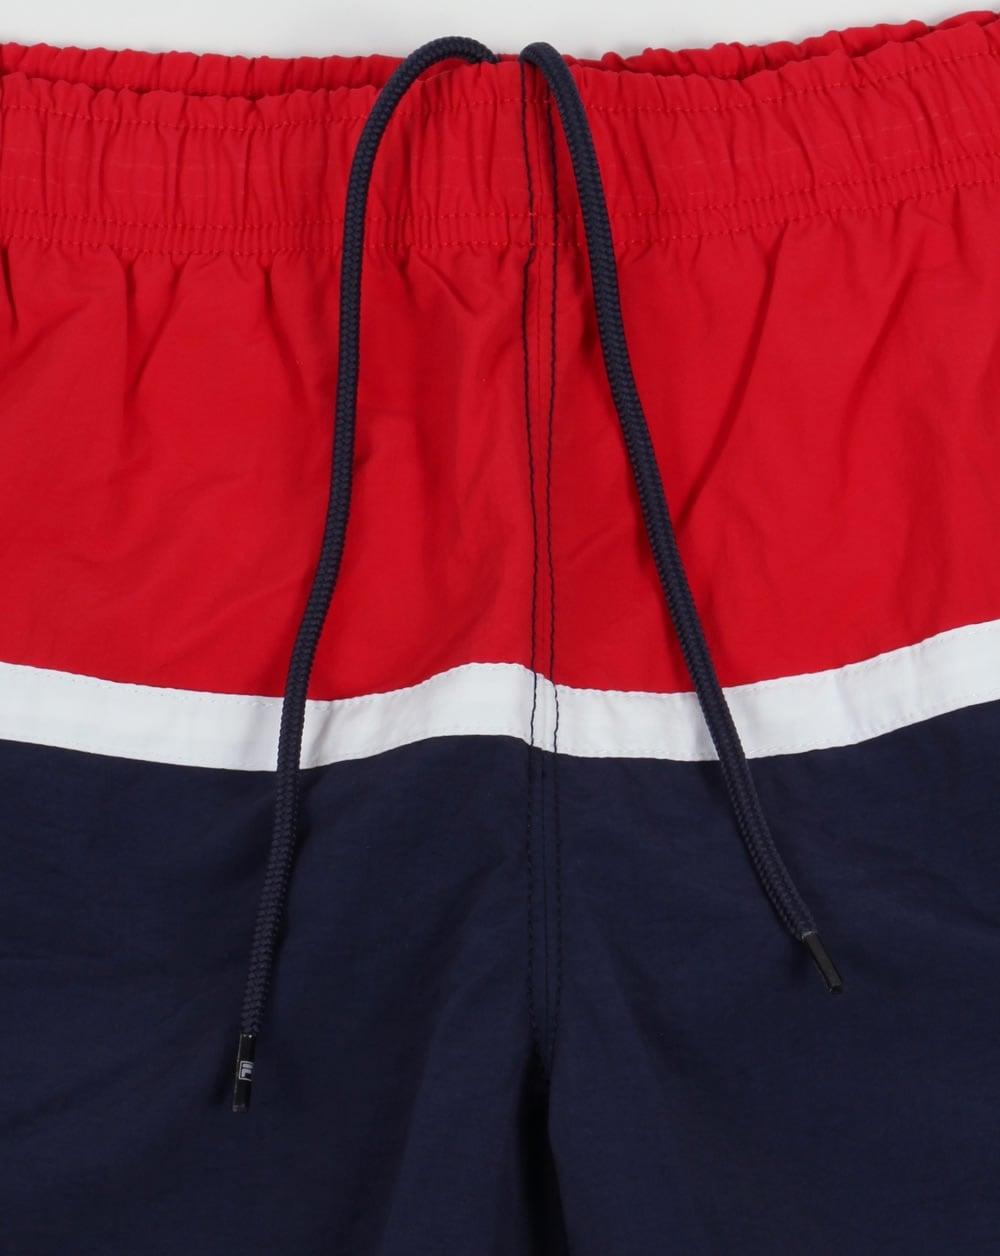 b8fc7c373eb39 Fila Vintage Nargiso Swim Shorts Navy